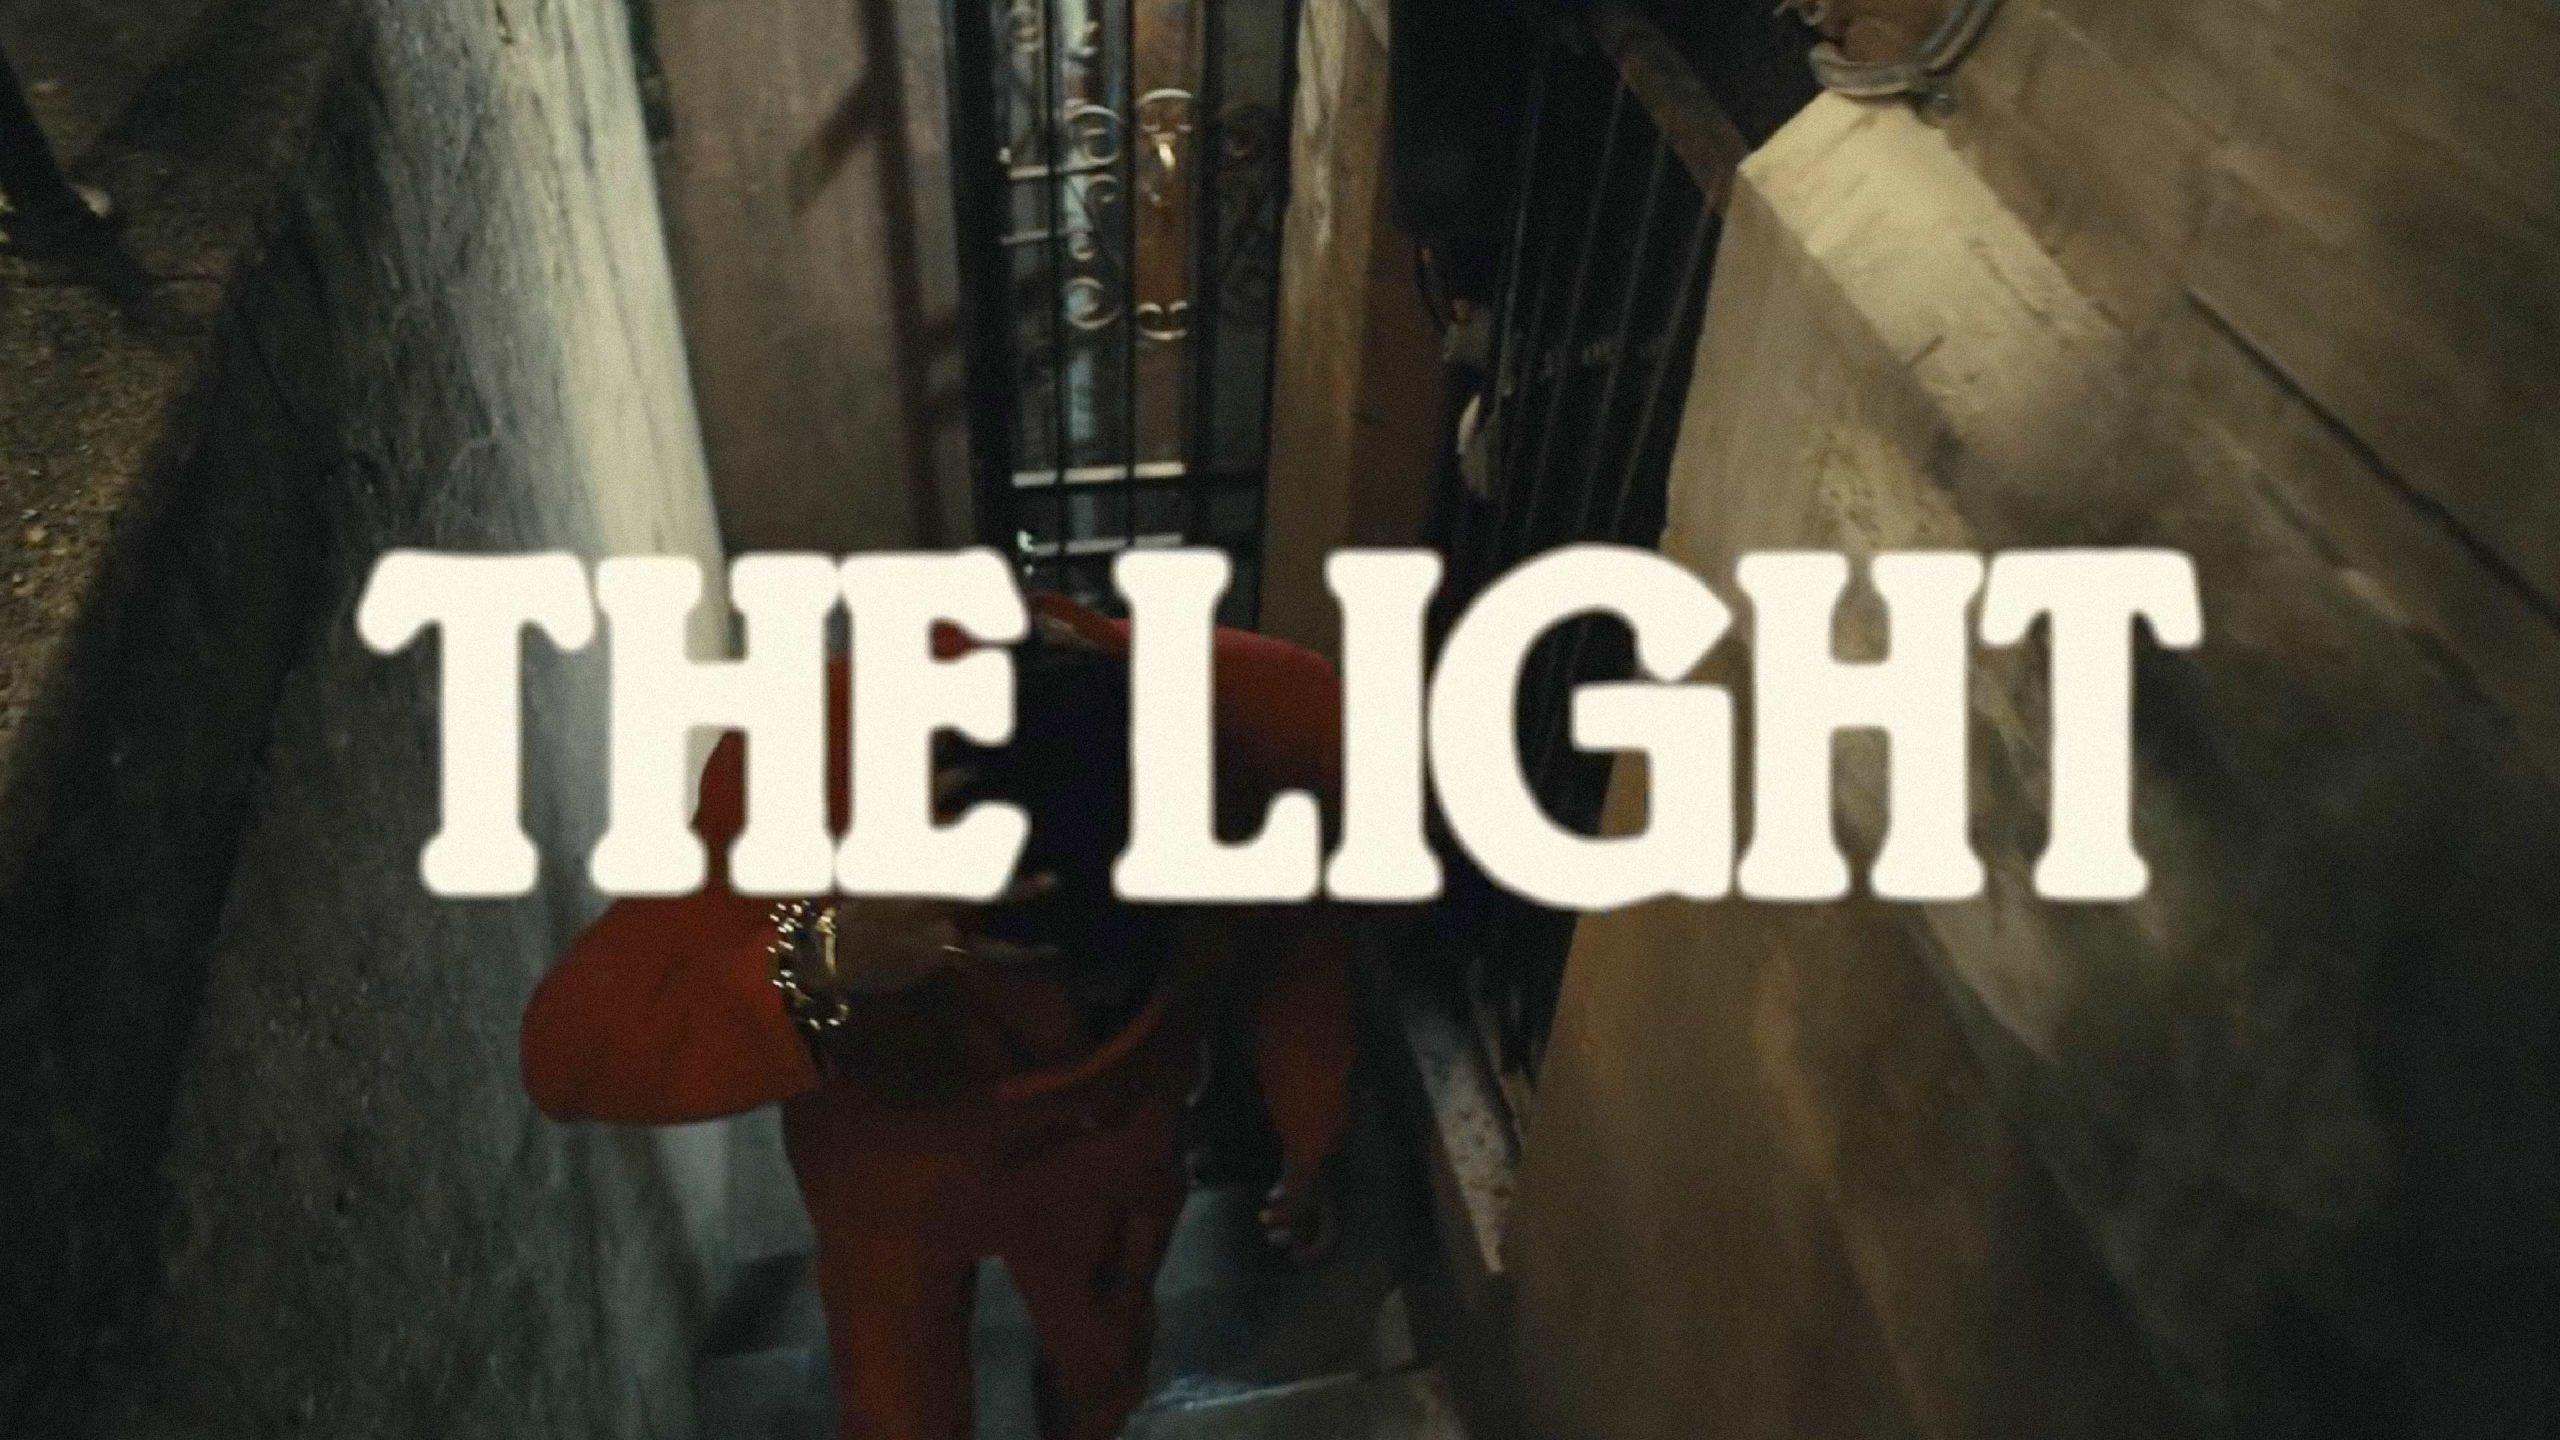 JOEY-BADASS-THE-LIGHT-PACK-light-02